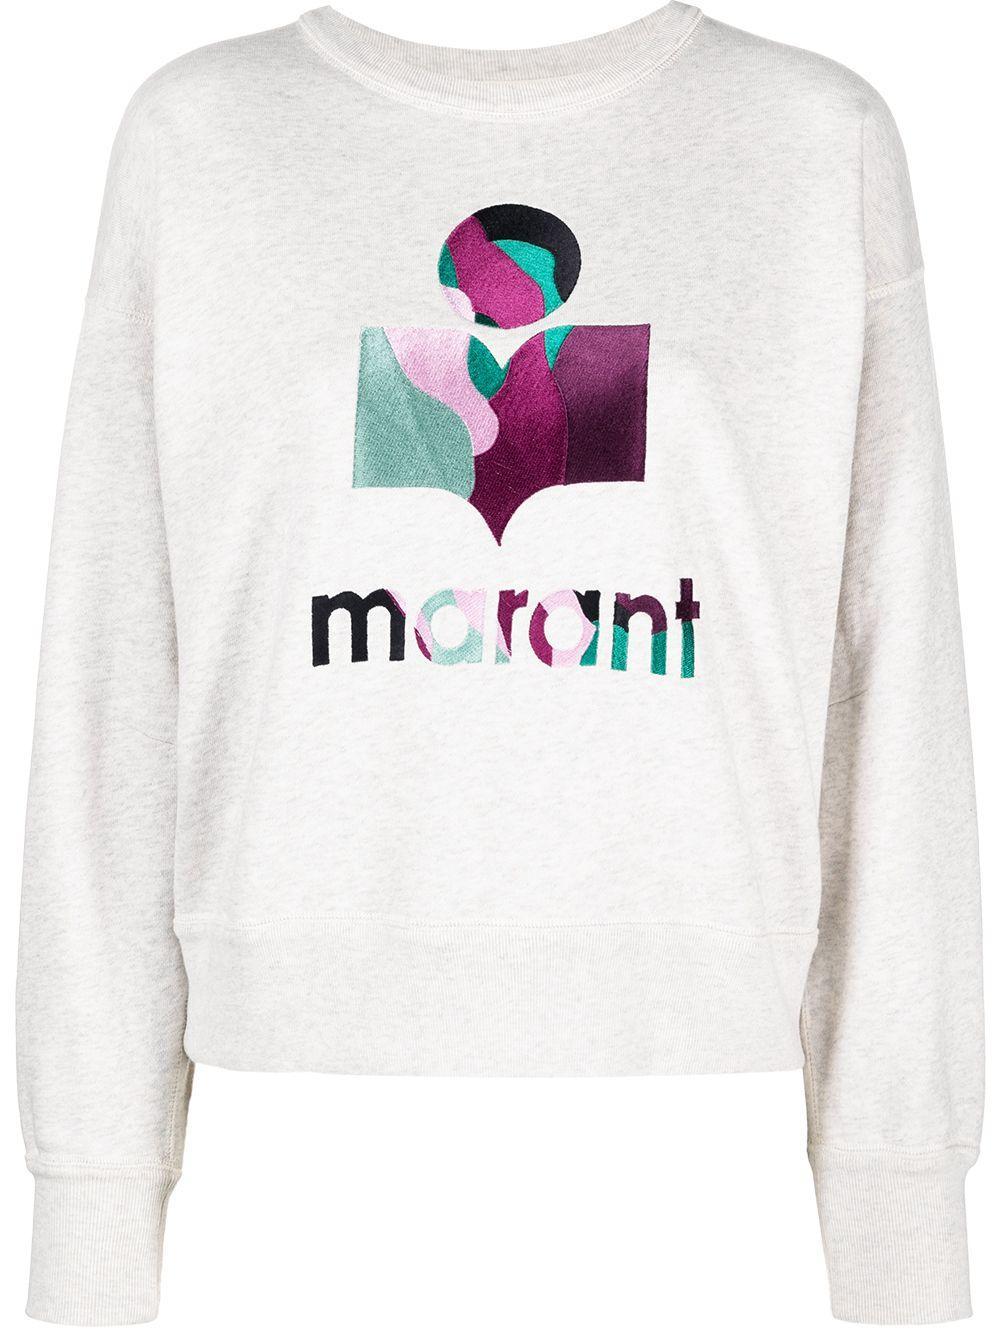 Mobyli Swirled Logo Sweatshirt